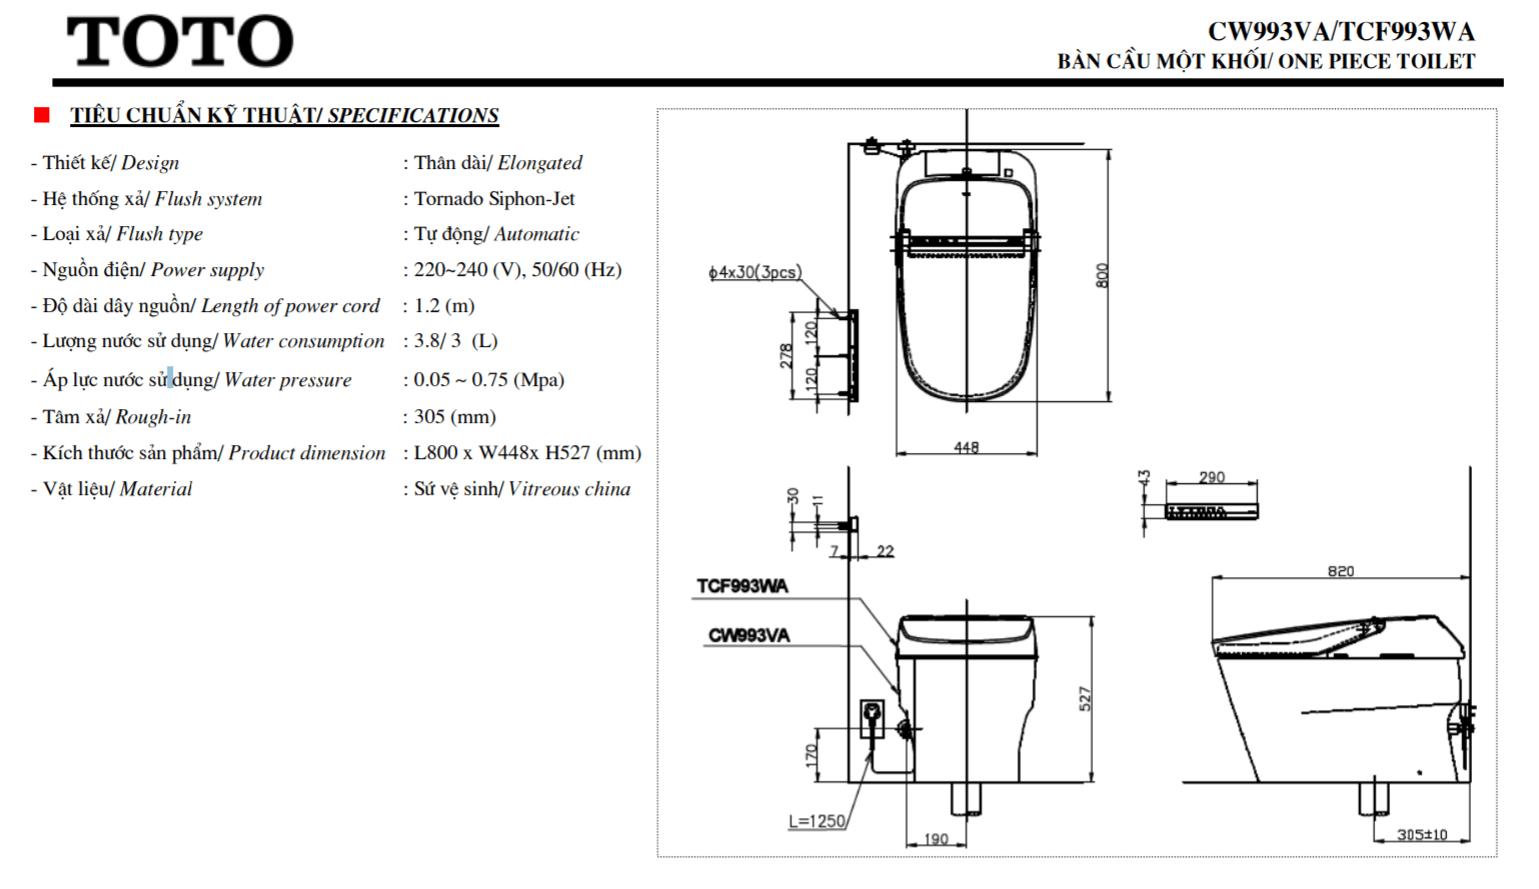 thông số kĩ thuật bồn cầu điện tử toto CW993VA/TCF993WA